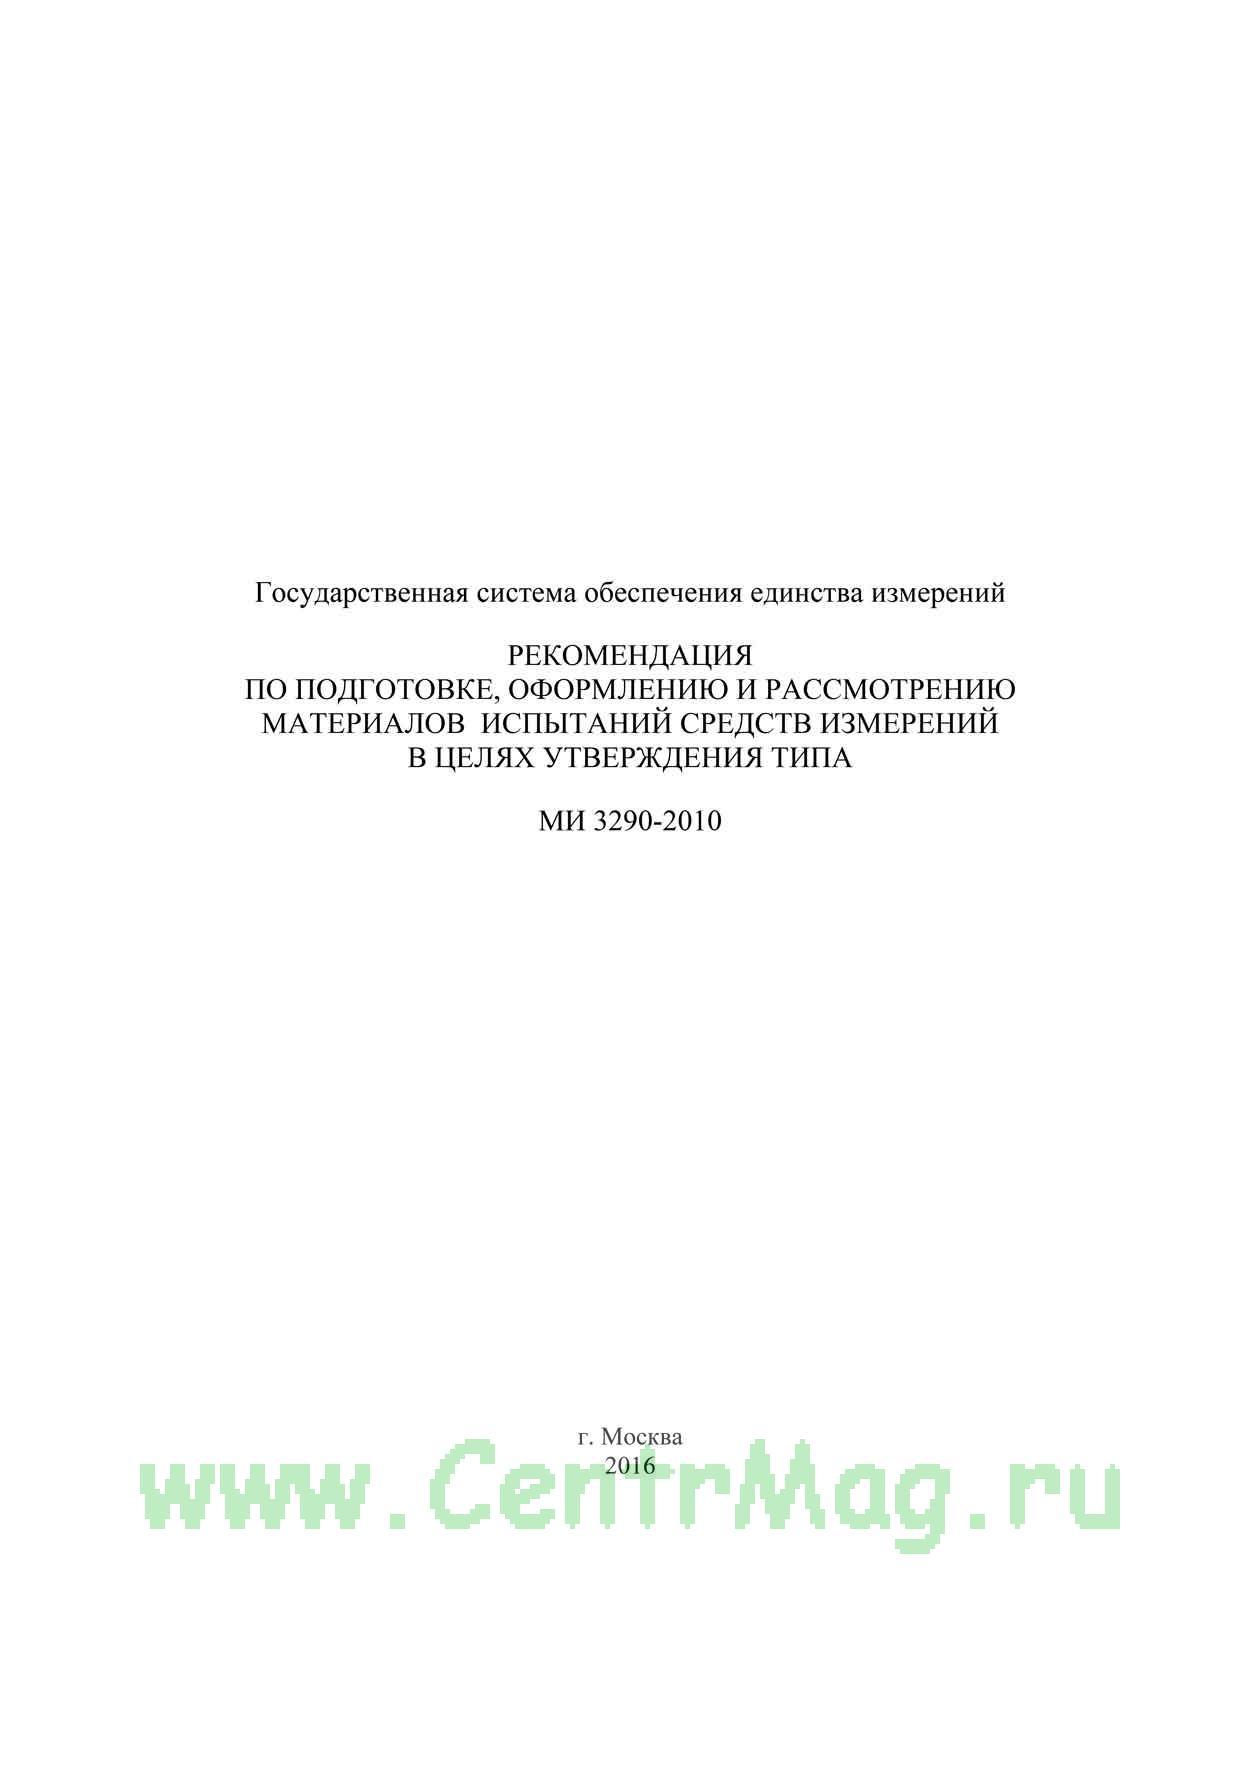 МИ 3290-2010 Государственная система обеспечения единства измерений. Рекомендация по подготовке, оформлению и рассмотрению материалов испытаний средств измерений в целях утверждения типа 2017 год. Последняя редакция